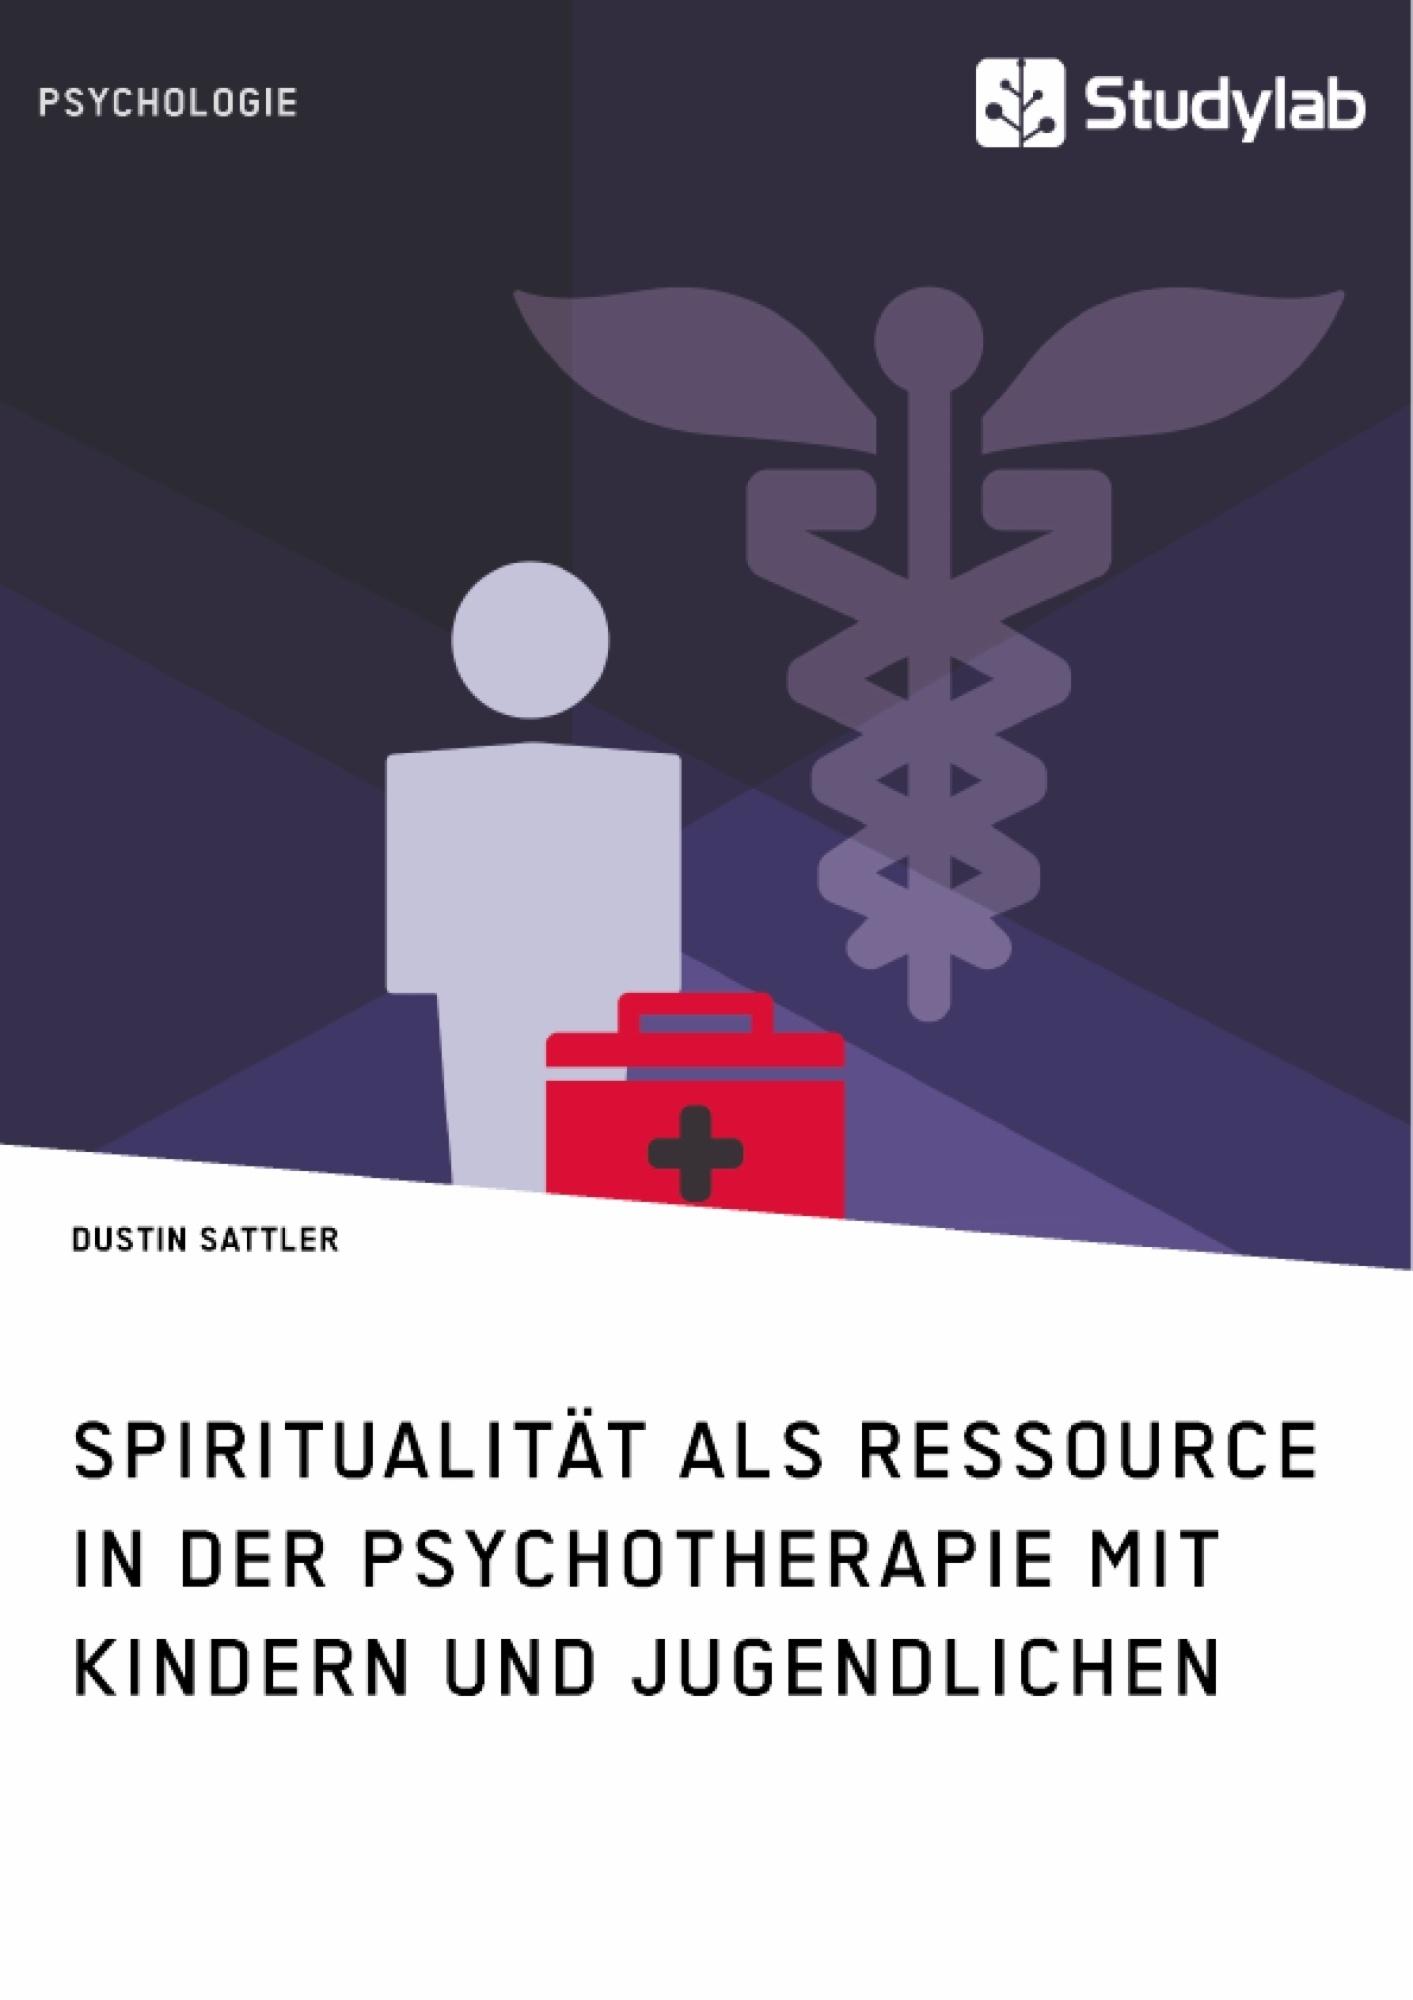 Titel: Spiritualität als Ressource in der Psychotherapie mit Kindern und Jugendlichen